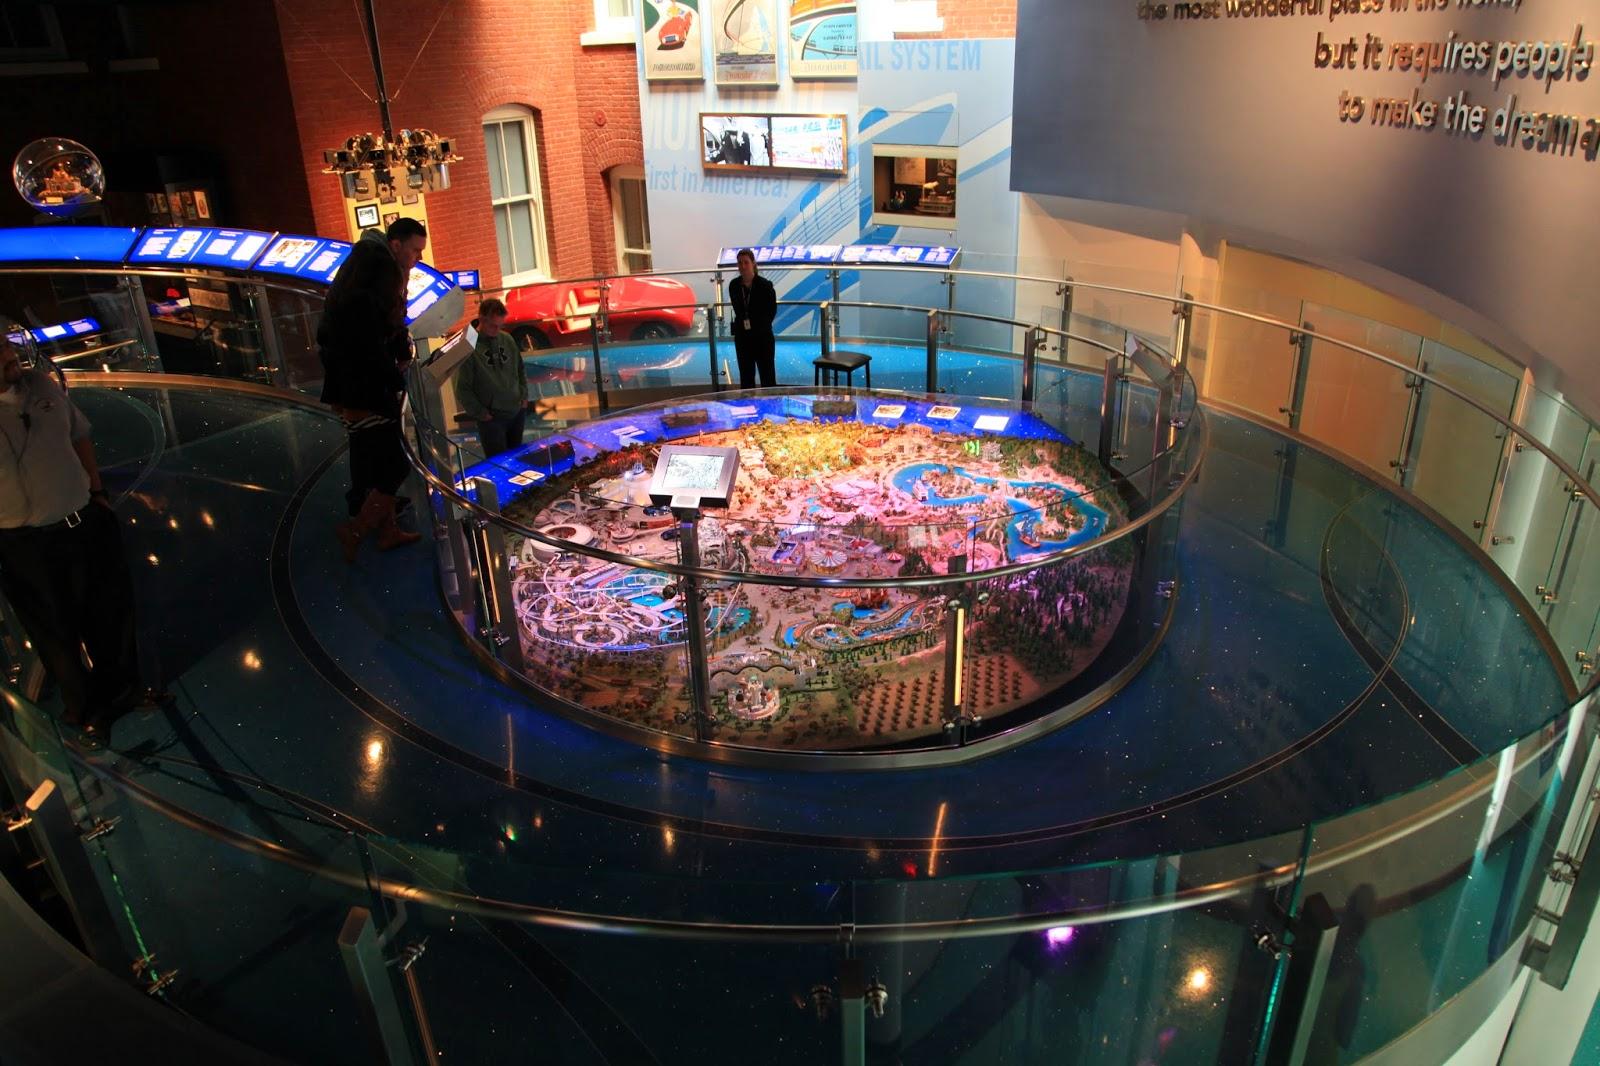 machi in カリフォルニア: ウォルトディズニー ファミリー ミュージアム